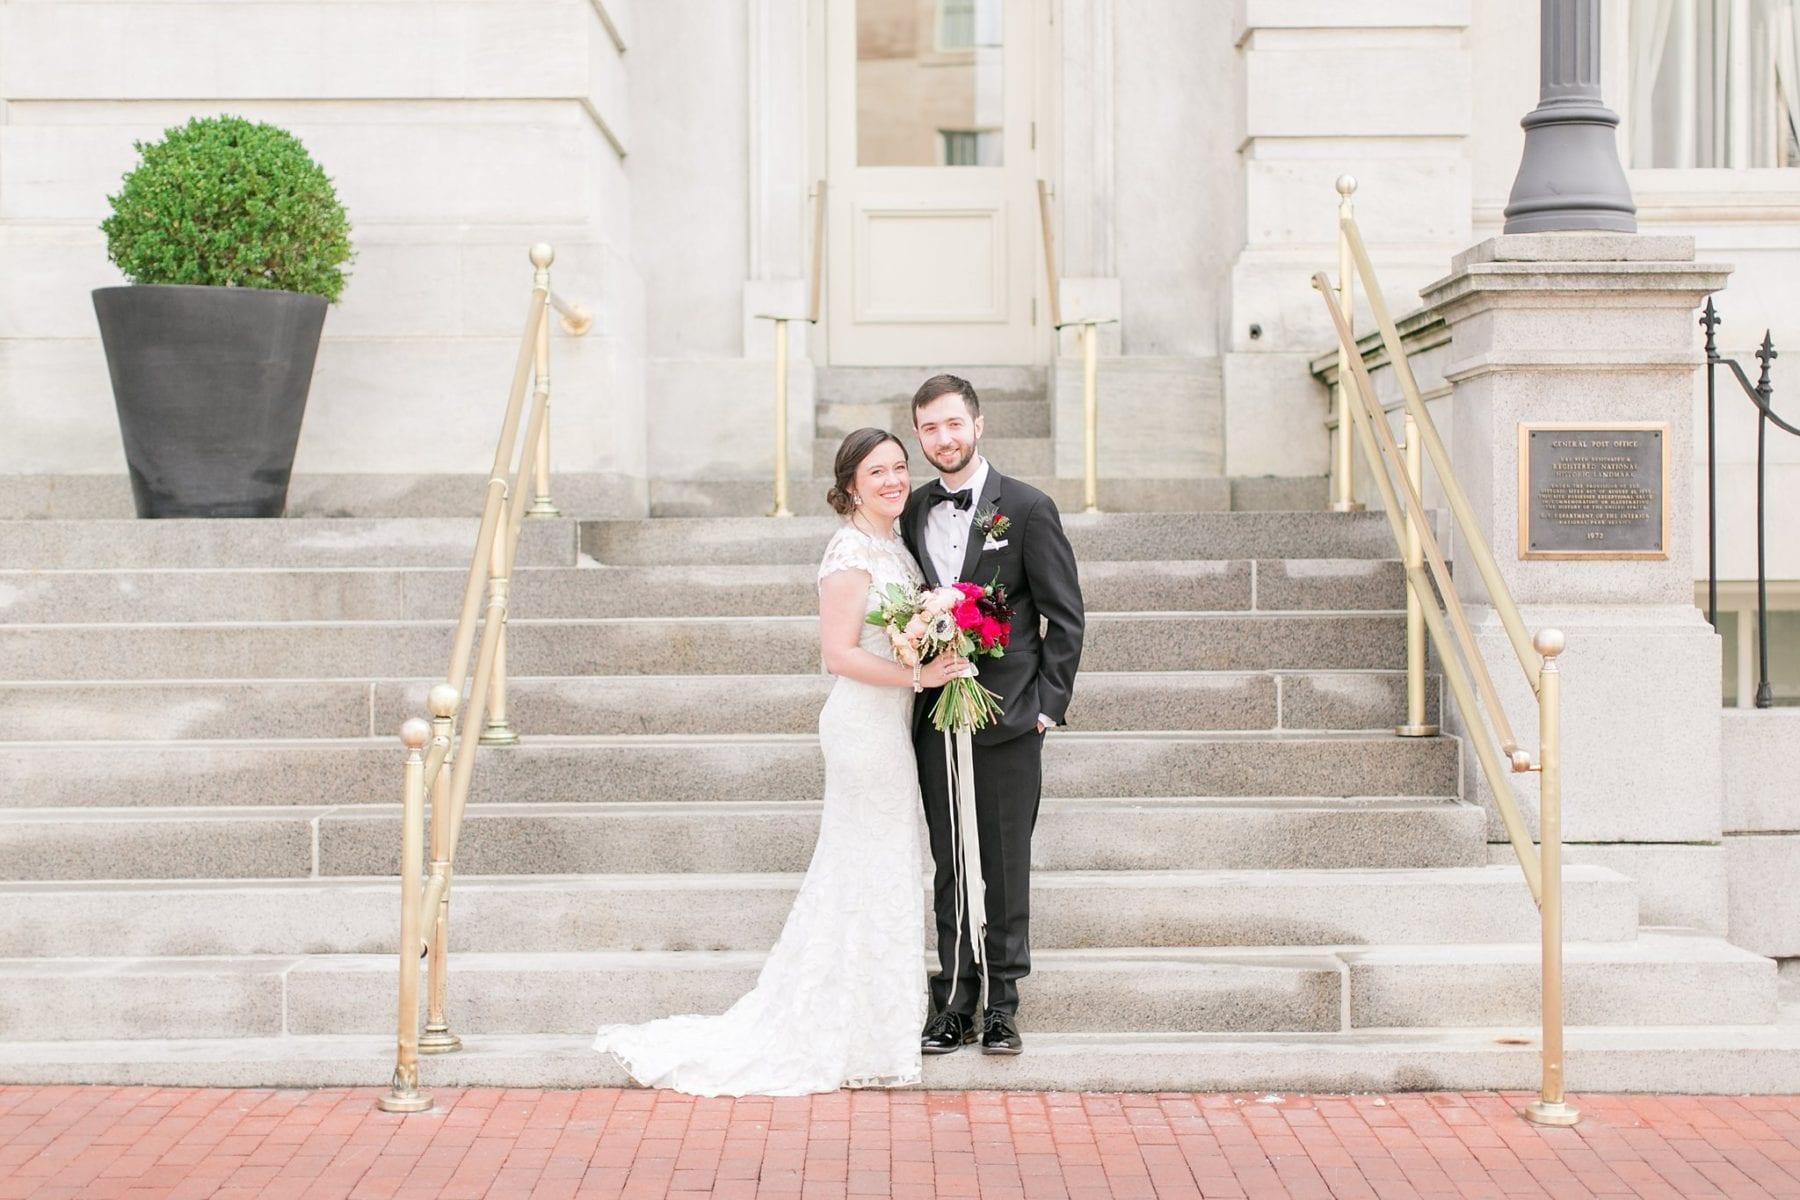 Hotel Monaco Washington DC Wedding Photos Megan Kelsey Photography Erin & Mike -104